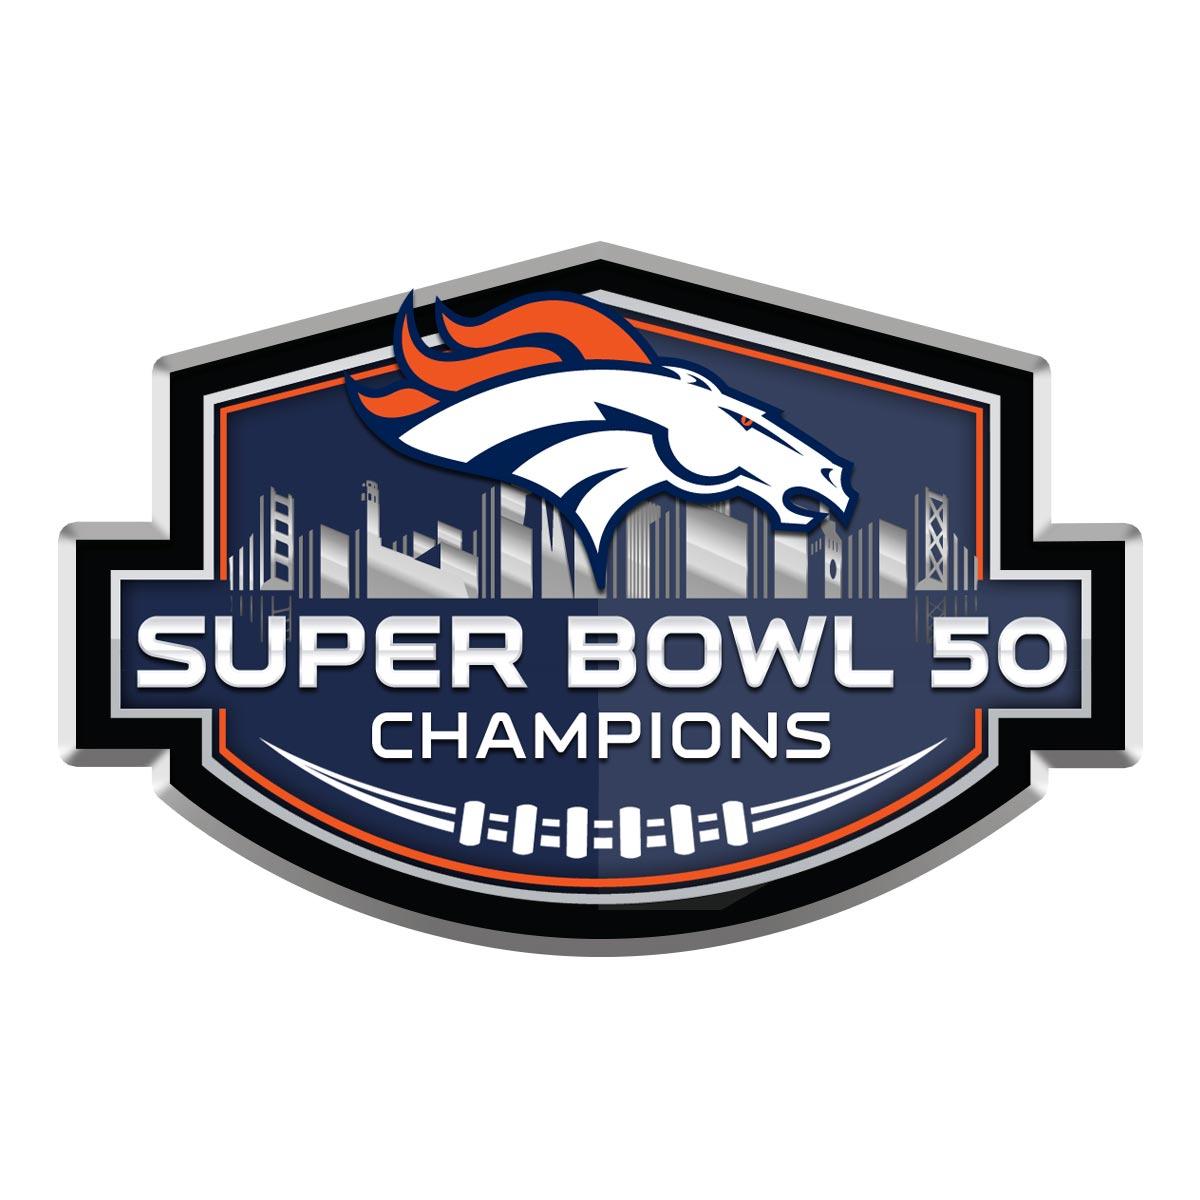 super bowl 50 champions wallpaper wallpapersafari